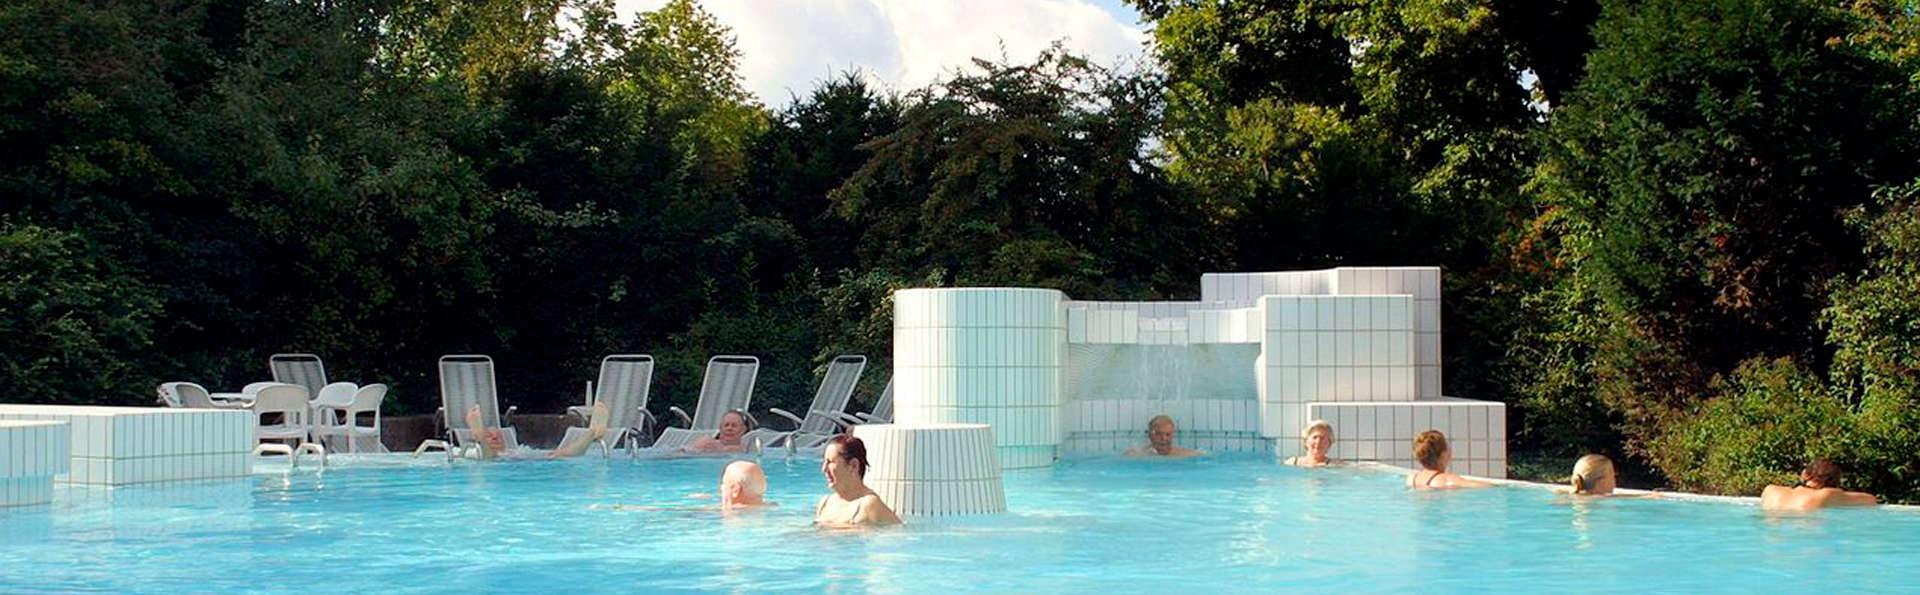 Relaxation absolue au coeur du Luxembourg : accès aux thermes de Mondorf et dîner inclus